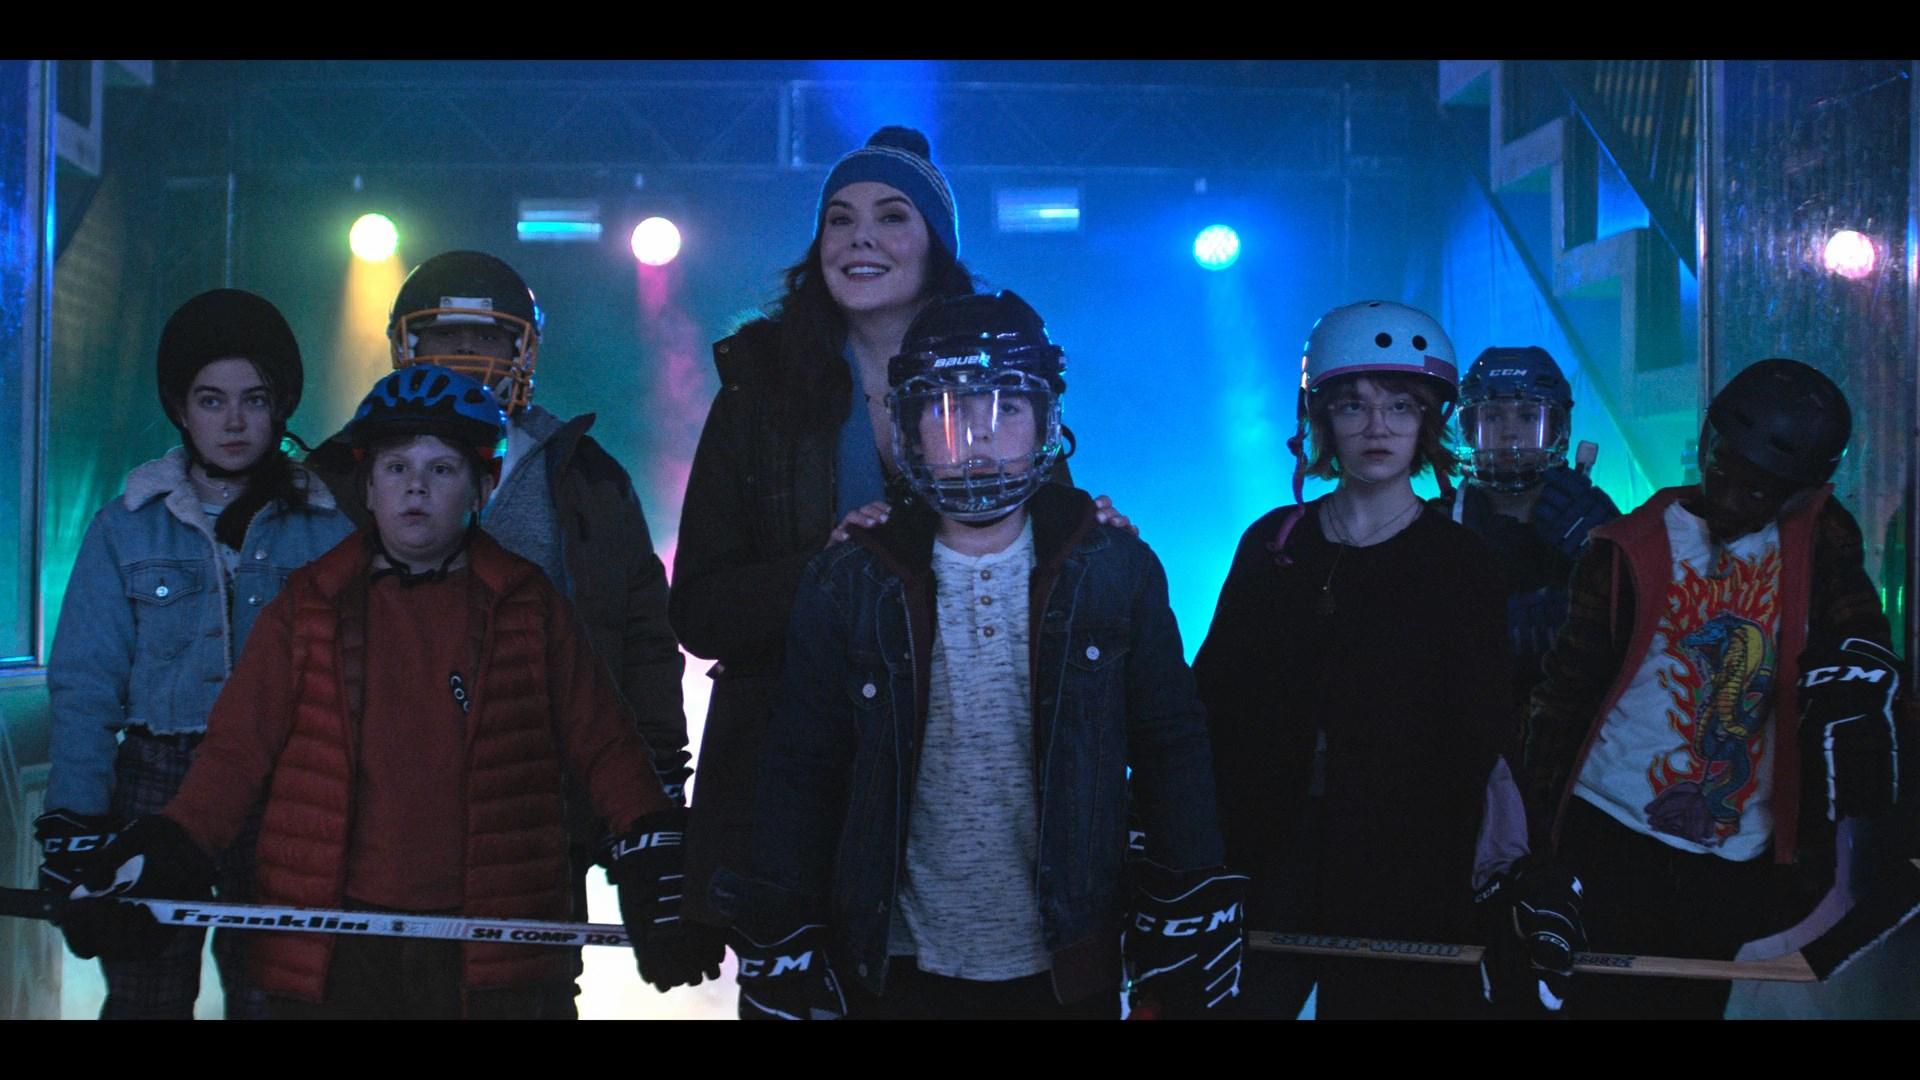 Somos los mejores: Una nueva era Temporada 1 (2021) 1080p WEB-DL Latino